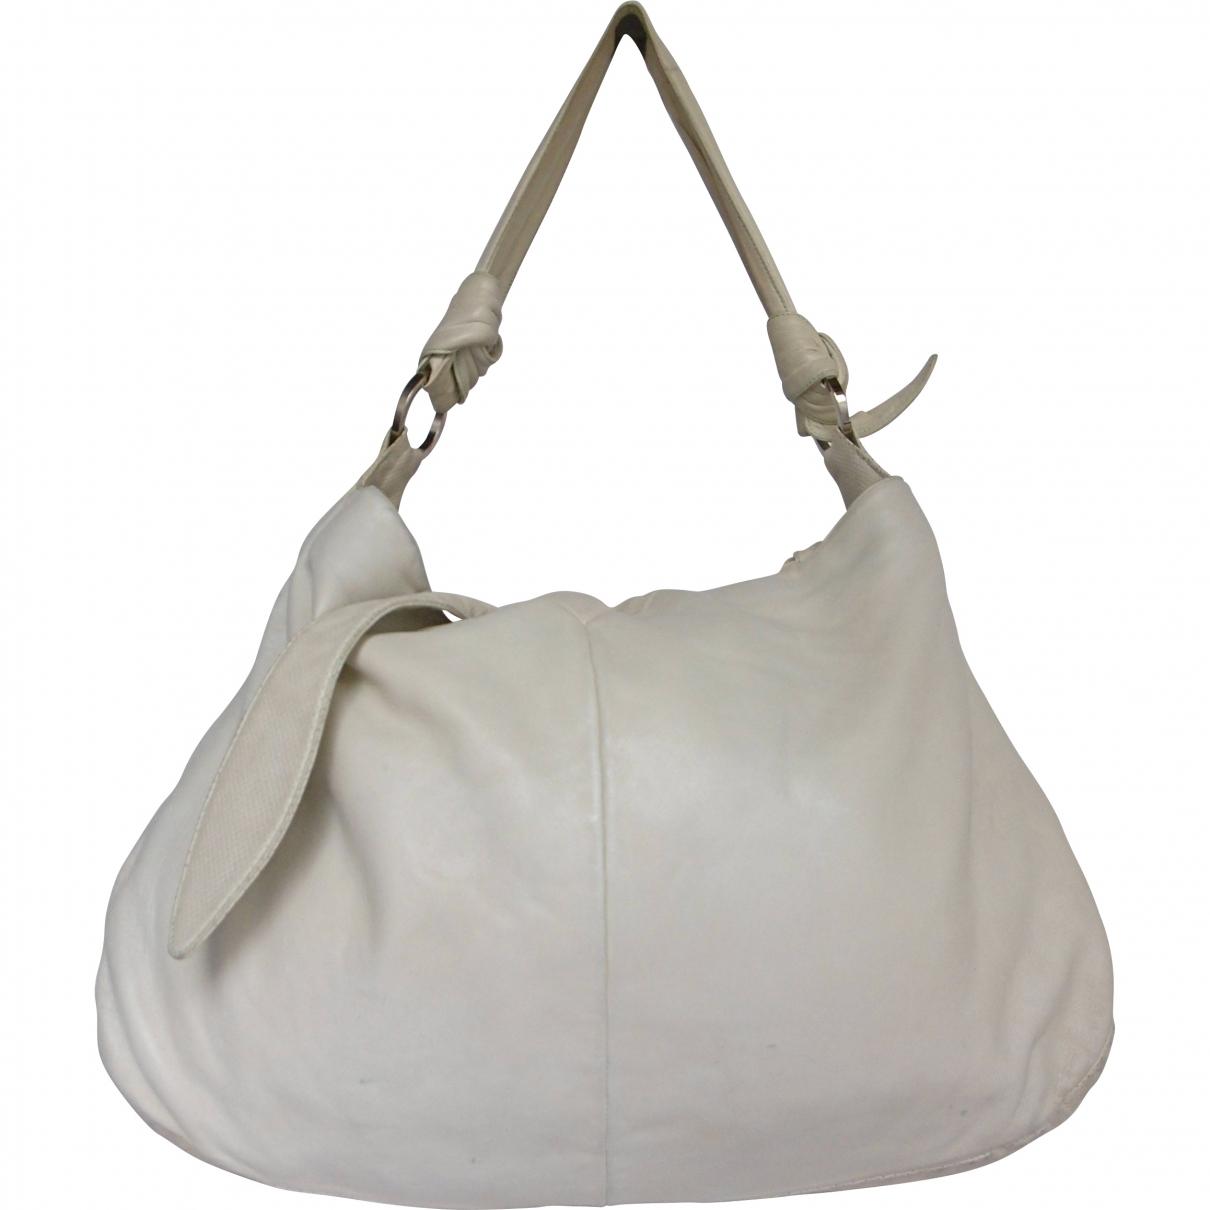 Loewe \N Handtasche in  Weiss Leder